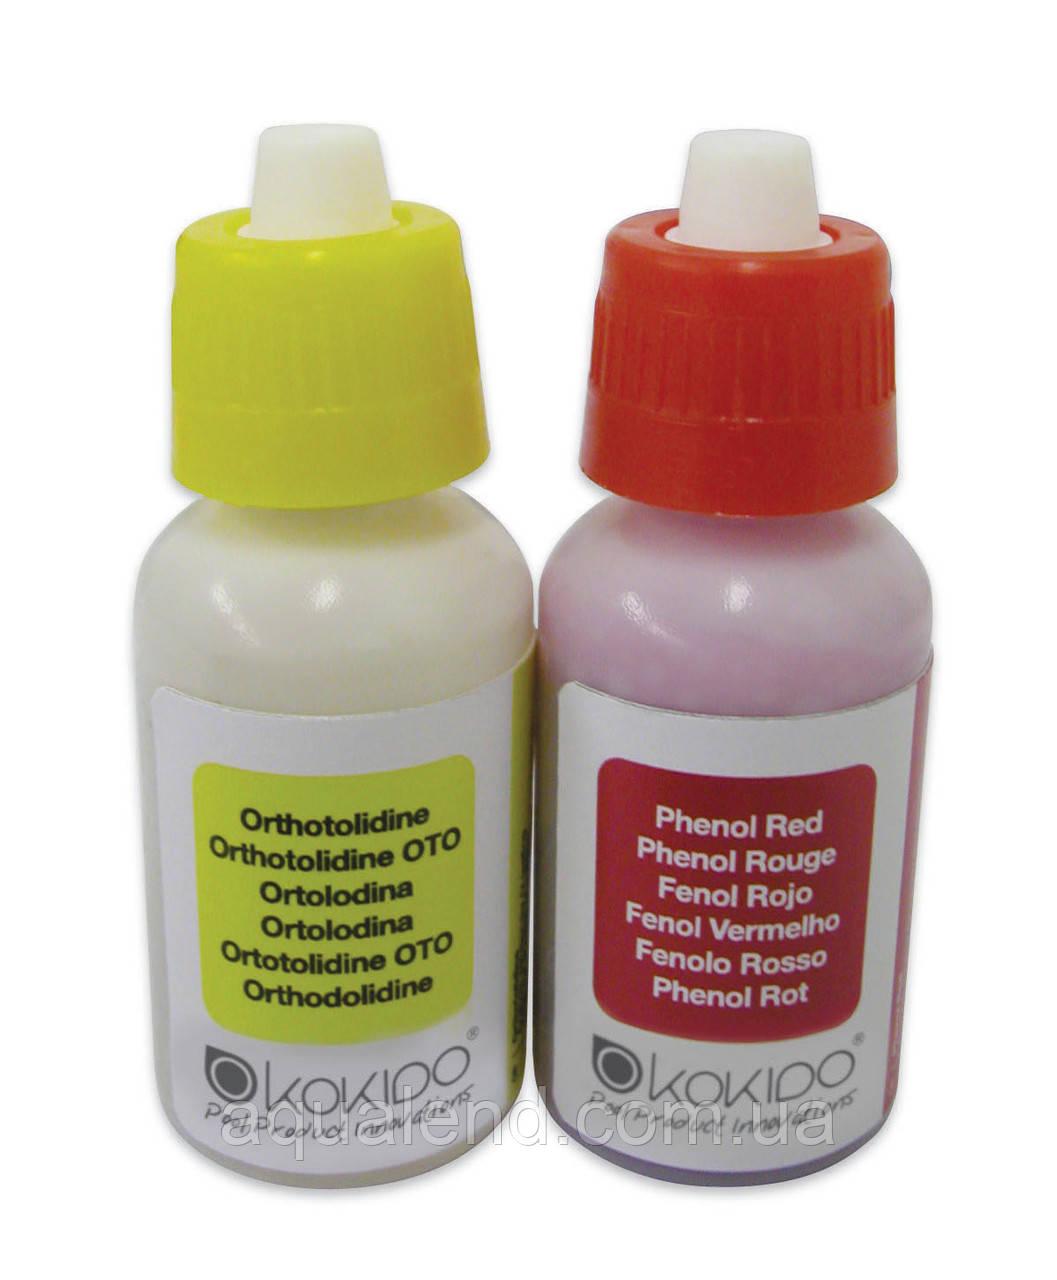 Краплі запасні для тестера на визначення хлору і рН